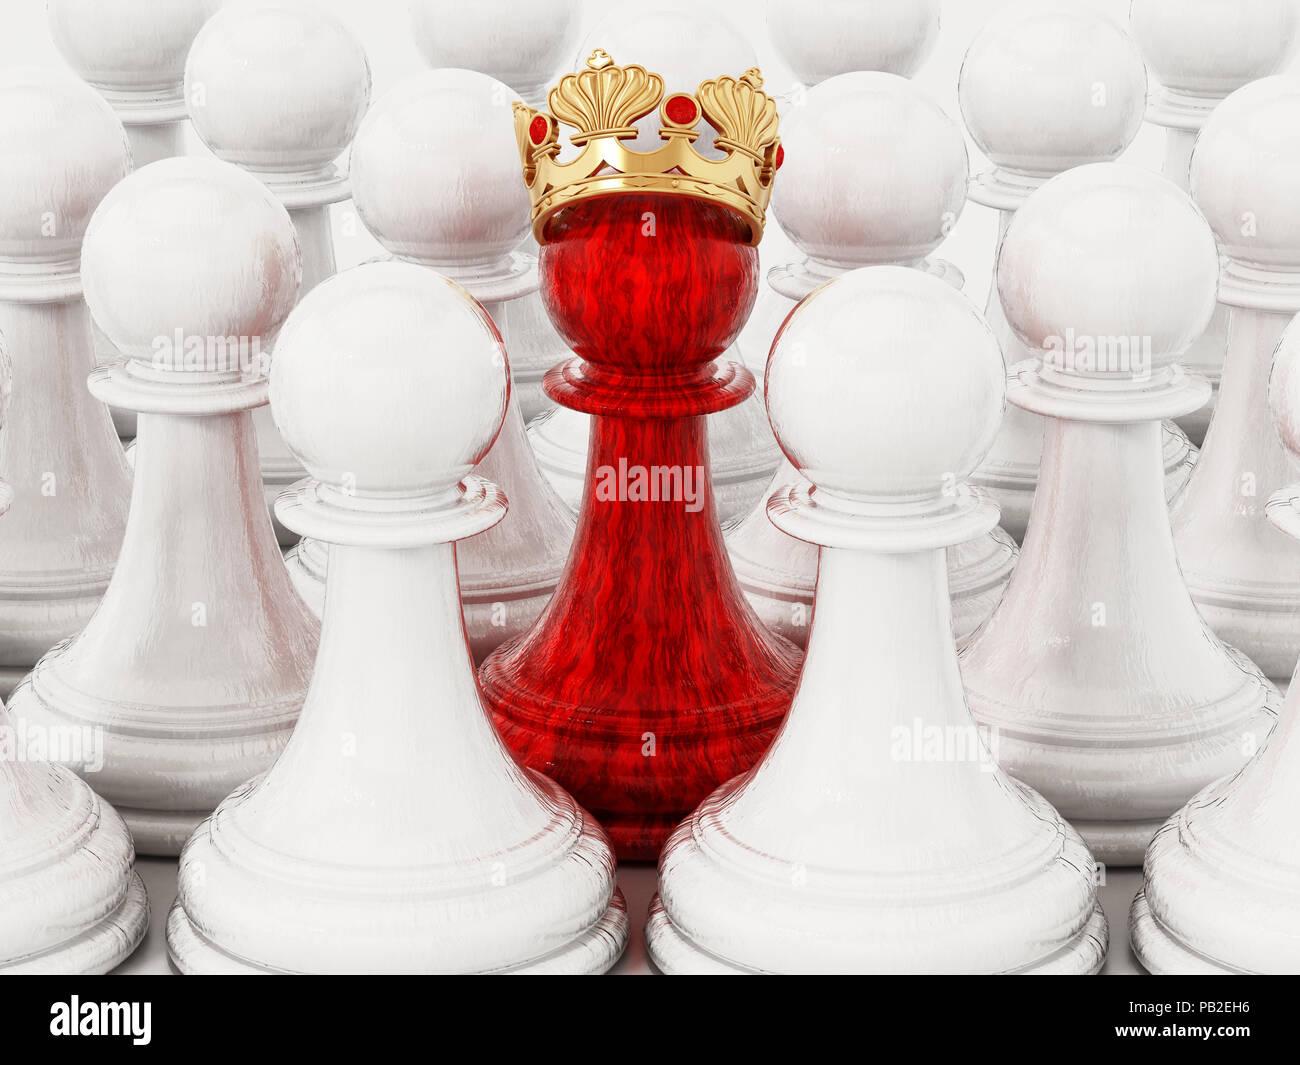 Peón de ajedrez Rojo con corona de oro destacándose en blanco entre los peones. Ilustración 3D. Imagen De Stock